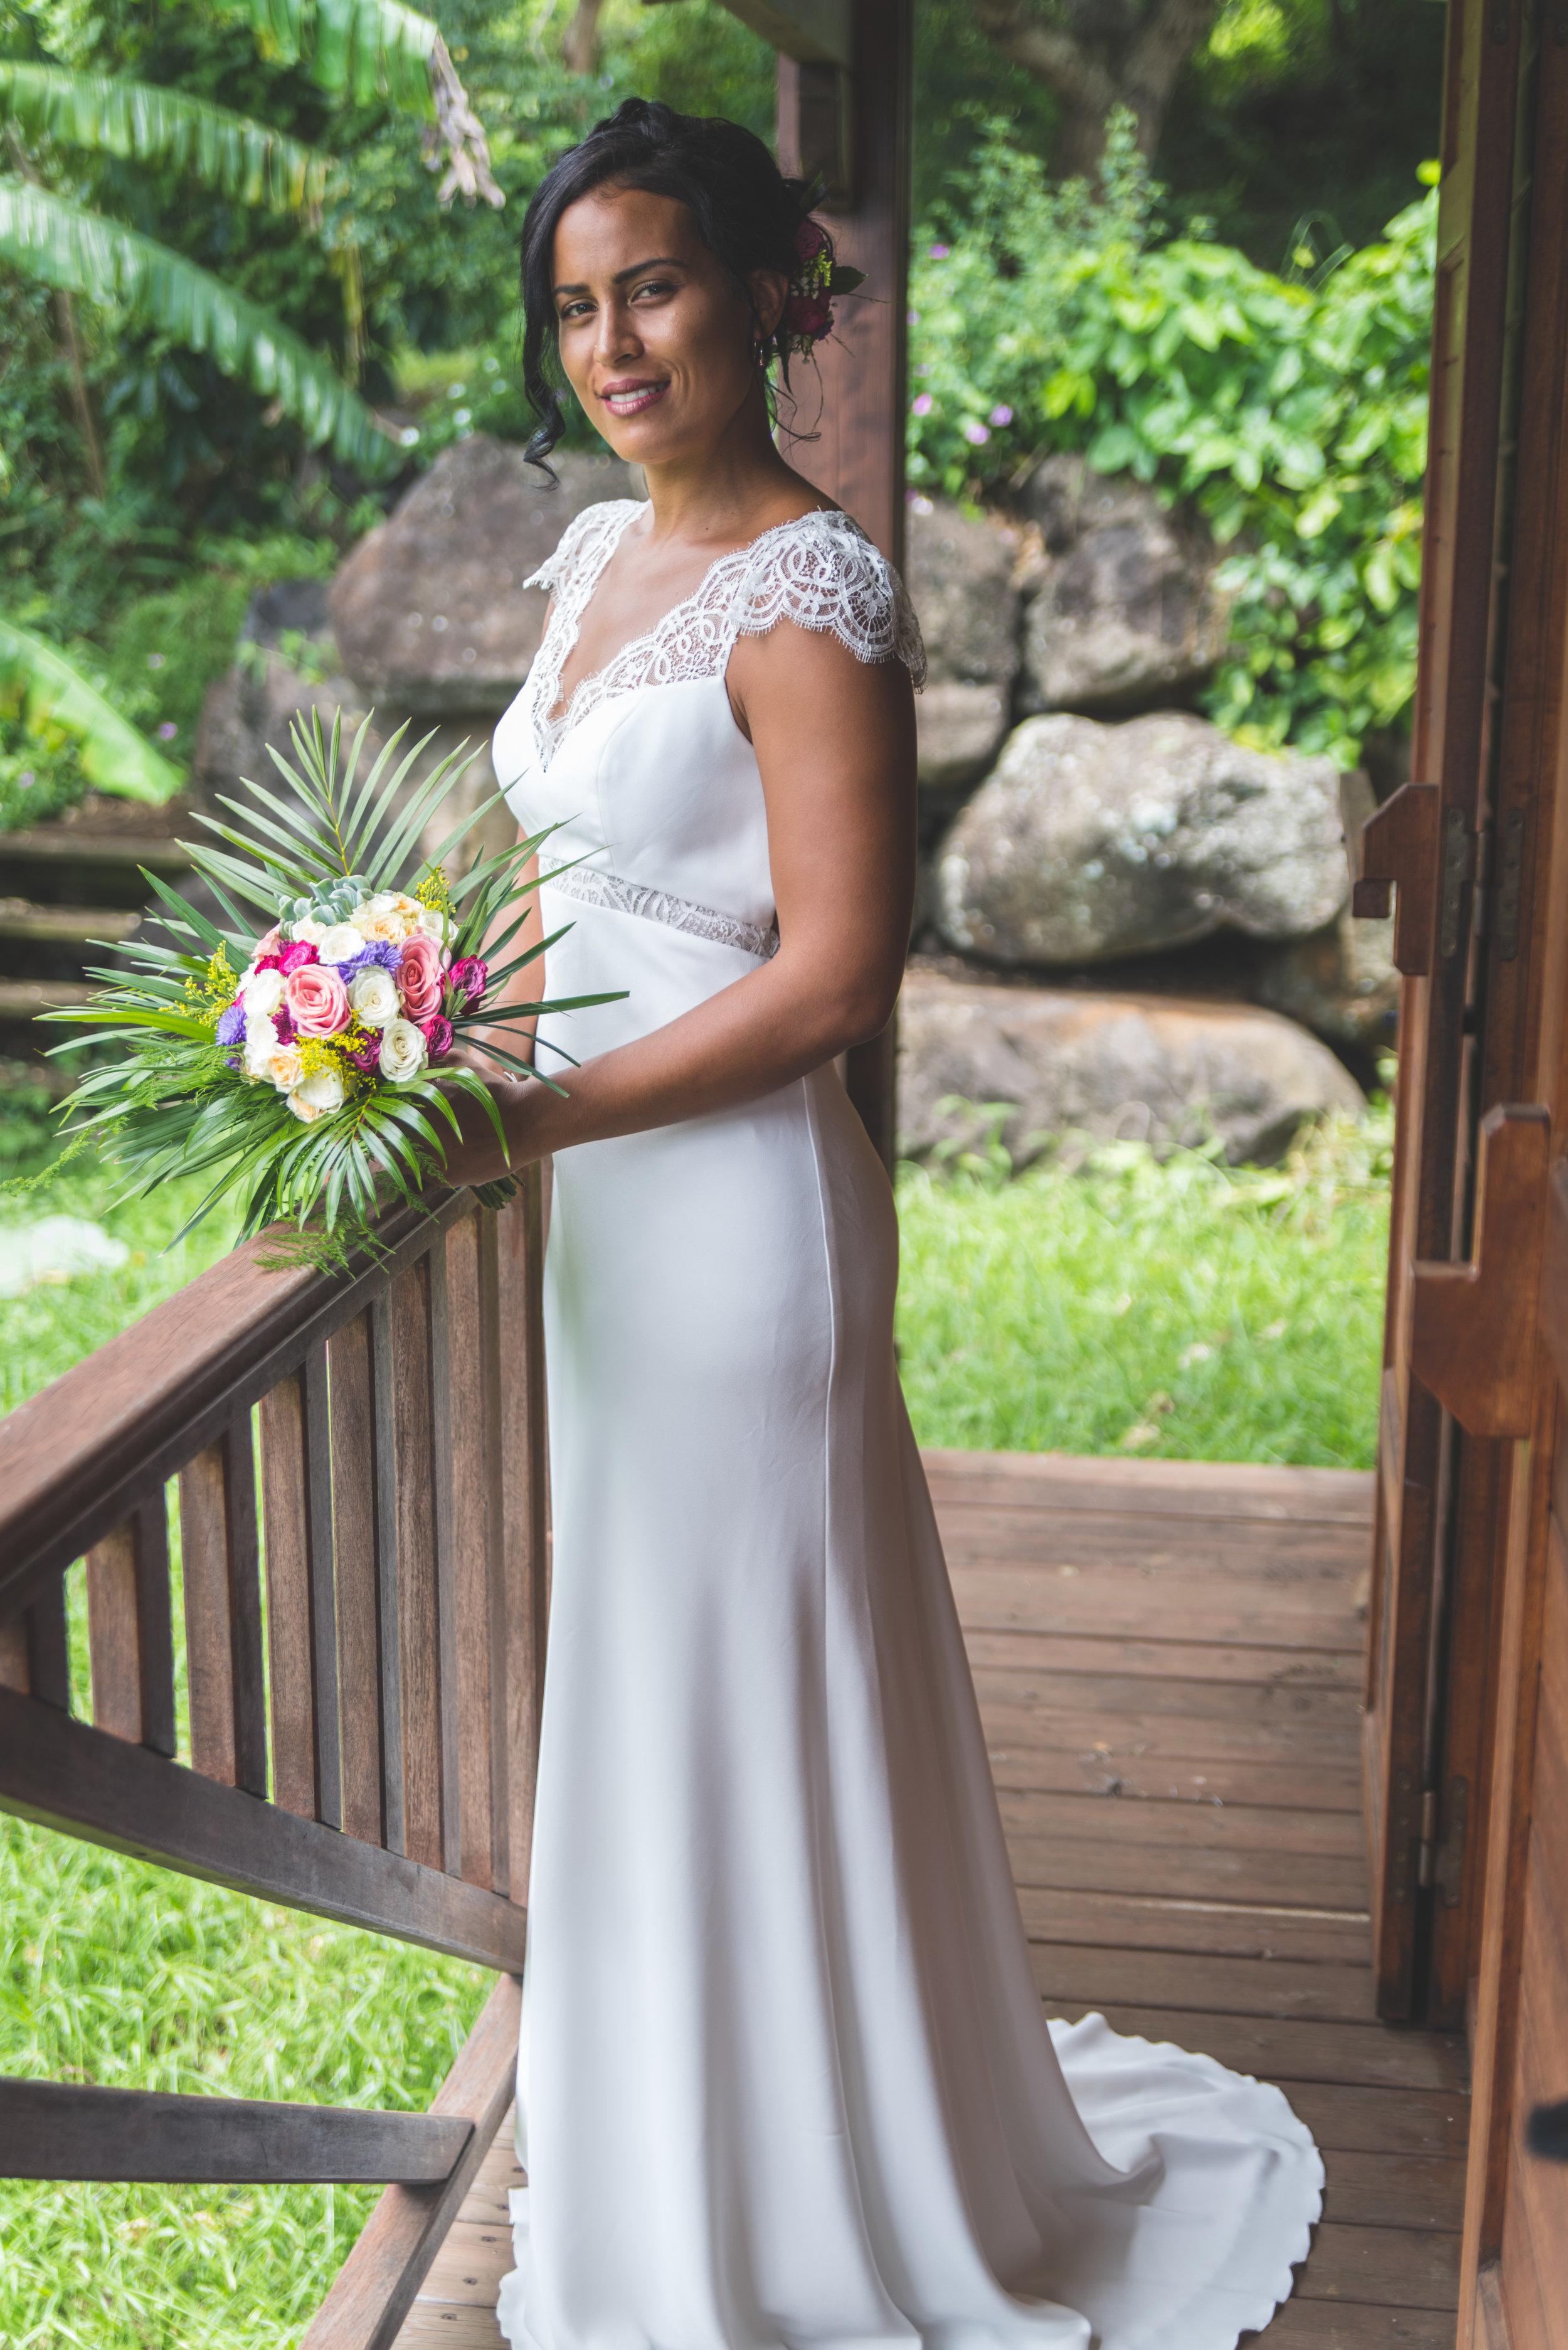 MRevenement organisation mariage à la Réunion _ La mariée et ses demoiselles d'honneur (12).jpg